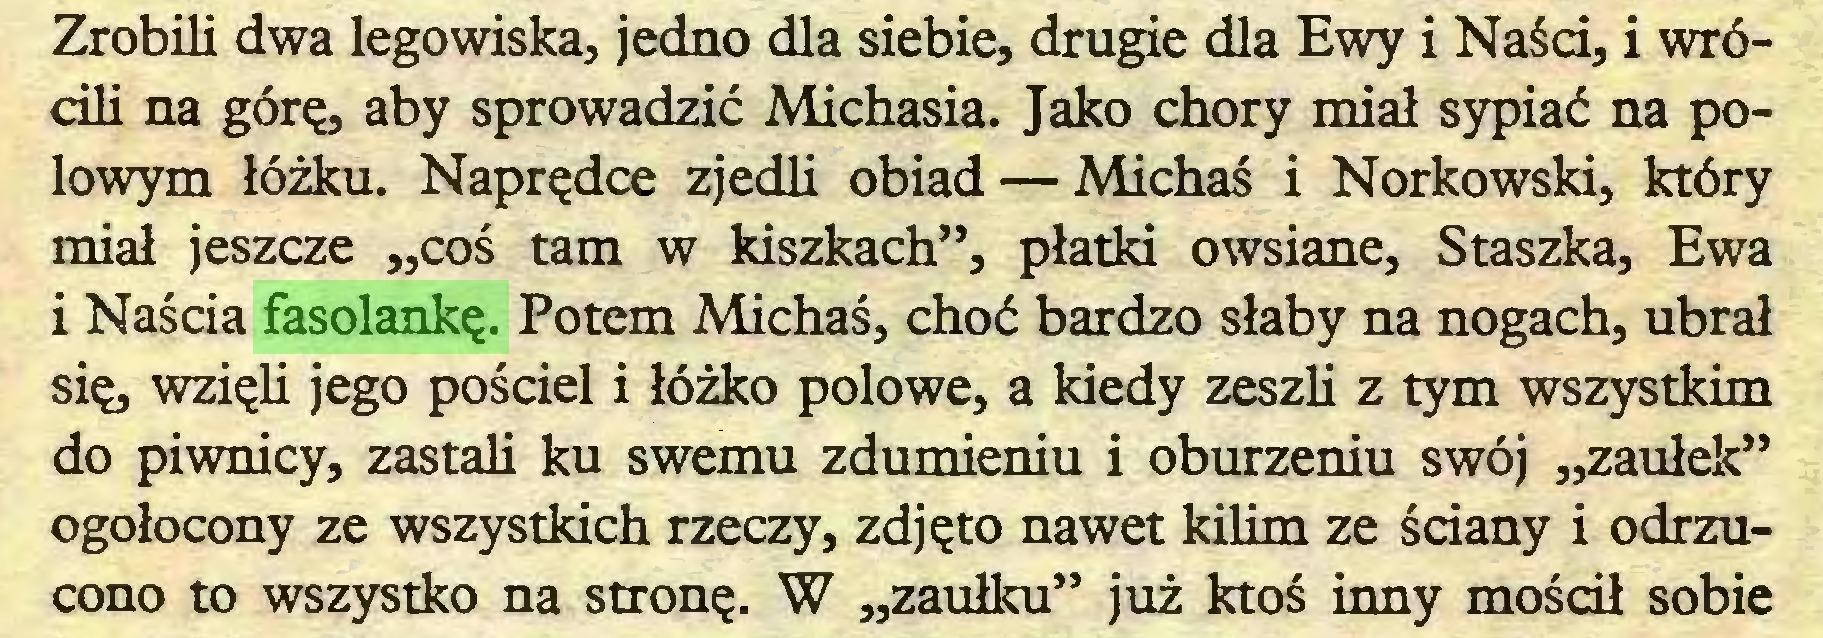 """(...) Zrobili dwa legowiska, jedno dla siebie, drugie dla Ewy i Naści, i wrócili na górę, aby sprowadzić Michasia. Jako chory miał sypiać na potowym łóżku. Naprędce zjedli obiad — Michaś i Norkowski, który miał jeszcze """"coś tam w kiszkach"""", płatki owsiane, Staszka, Ewa i Naścia fasolankę. Potem Michaś, choć bardzo słaby na nogach, ubrał się, wzięli jego pościel i łóżko potowe, a kiedy zeszli z tym wszystkim do piwnicy, zastali ku swemu zdumieniu i oburzeniu swój """"zaułek"""" ogołocony ze wszystkich rzeczy, zdjęto nawet kilim ze ściany i odrzucono to wszystko na stronę. W """"zaułku"""" już ktoś inny mościł sobie..."""